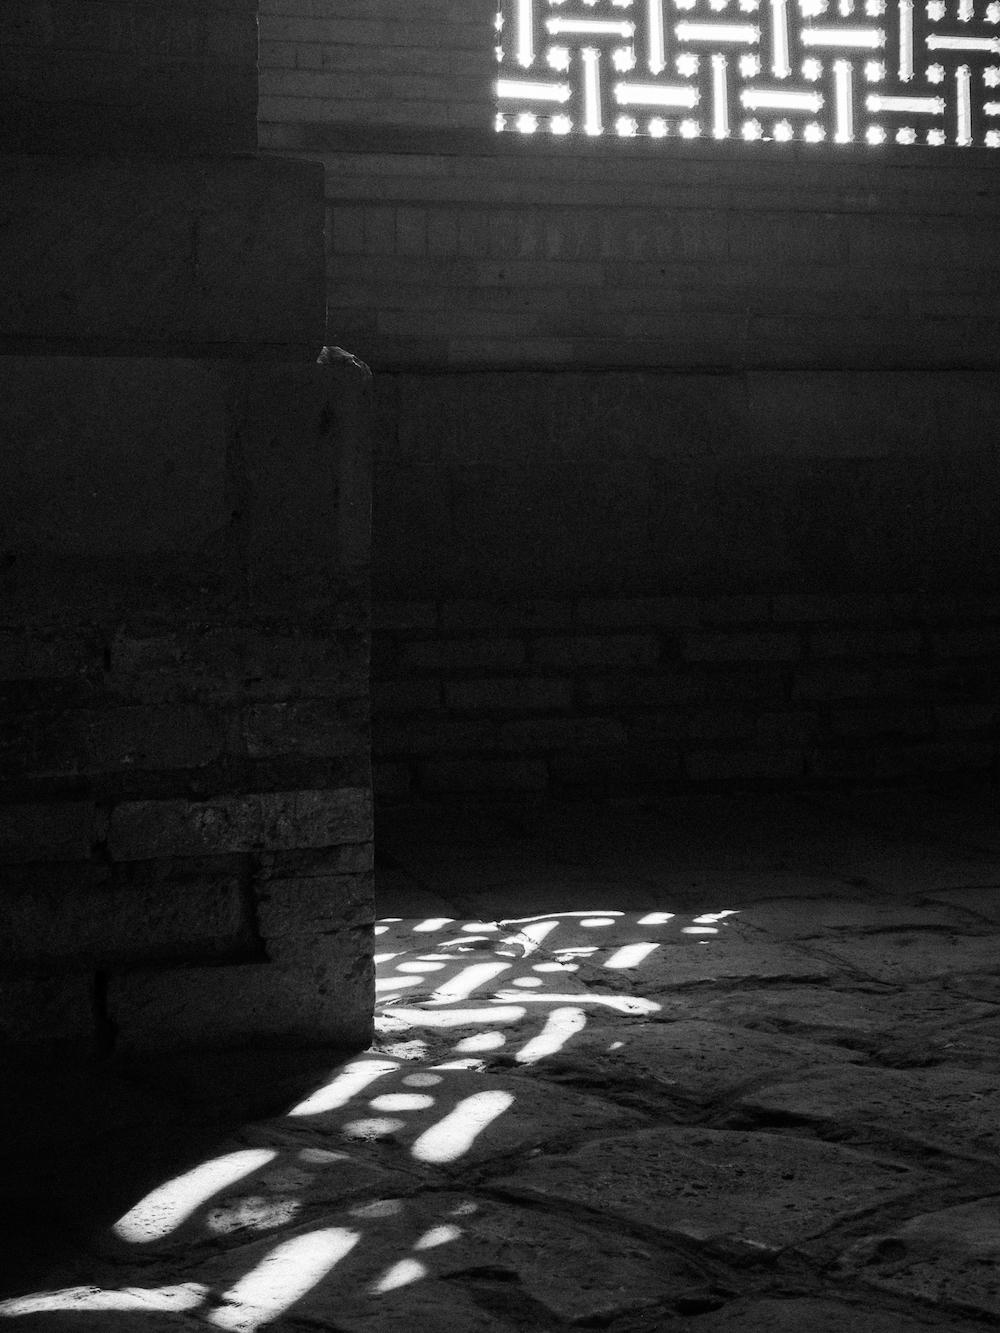 Schattenspiel im Tura-Beg-Chanum-Mausoleum